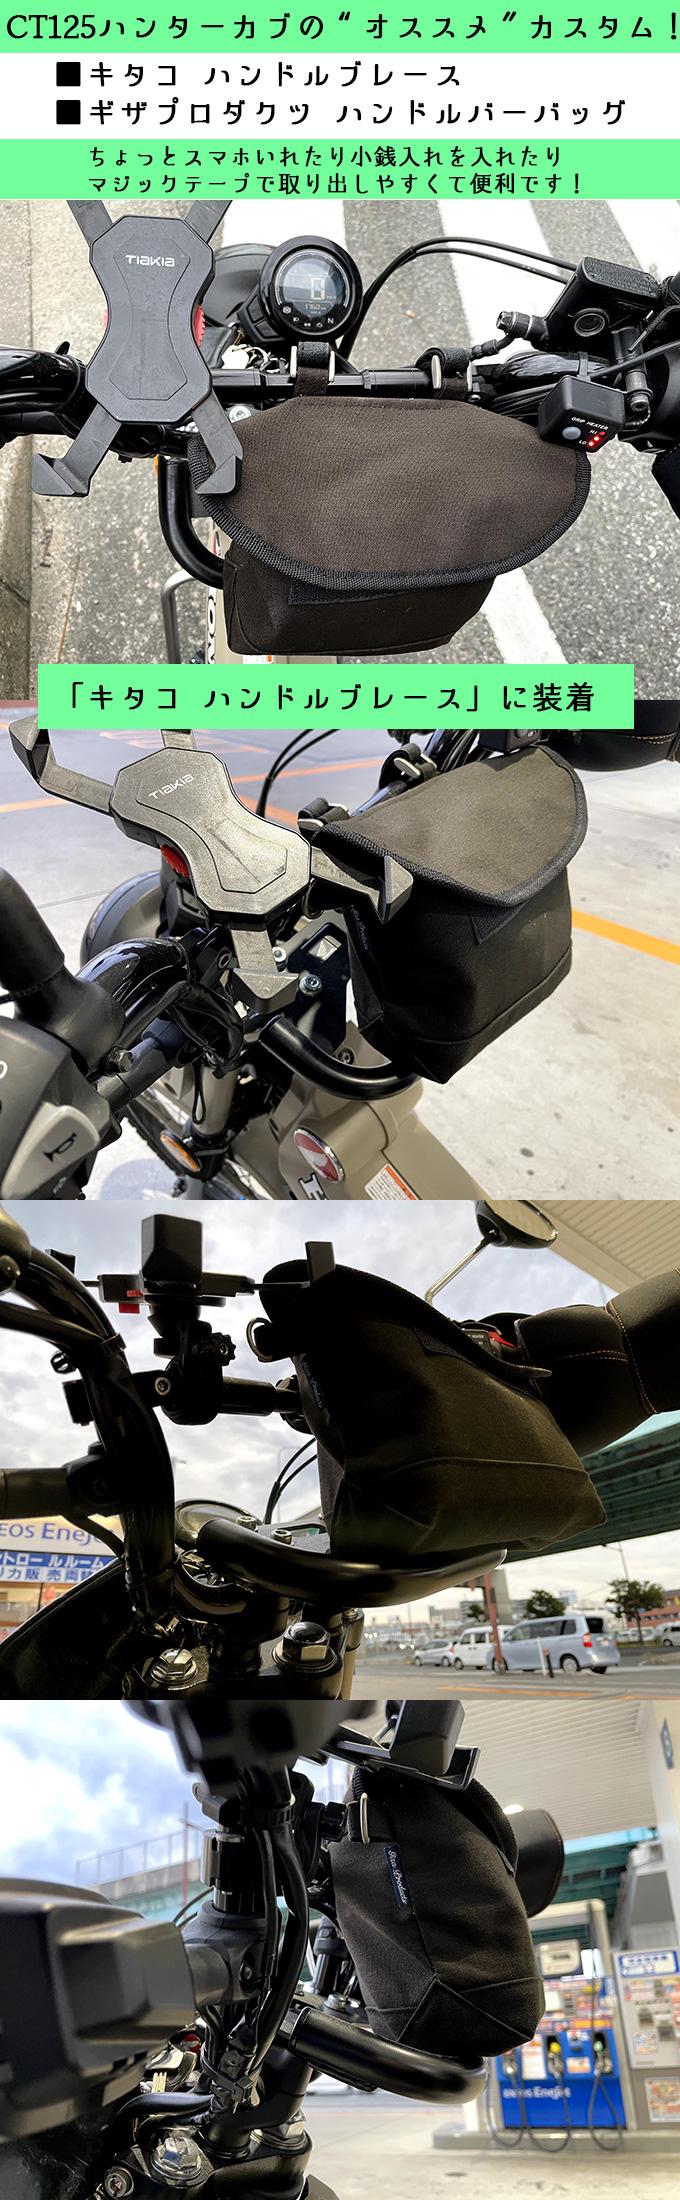 CT125-ハンターカブ、キタコ-ハンドルブレースにギザプロダクツ-ハンドルバーバッグを装着